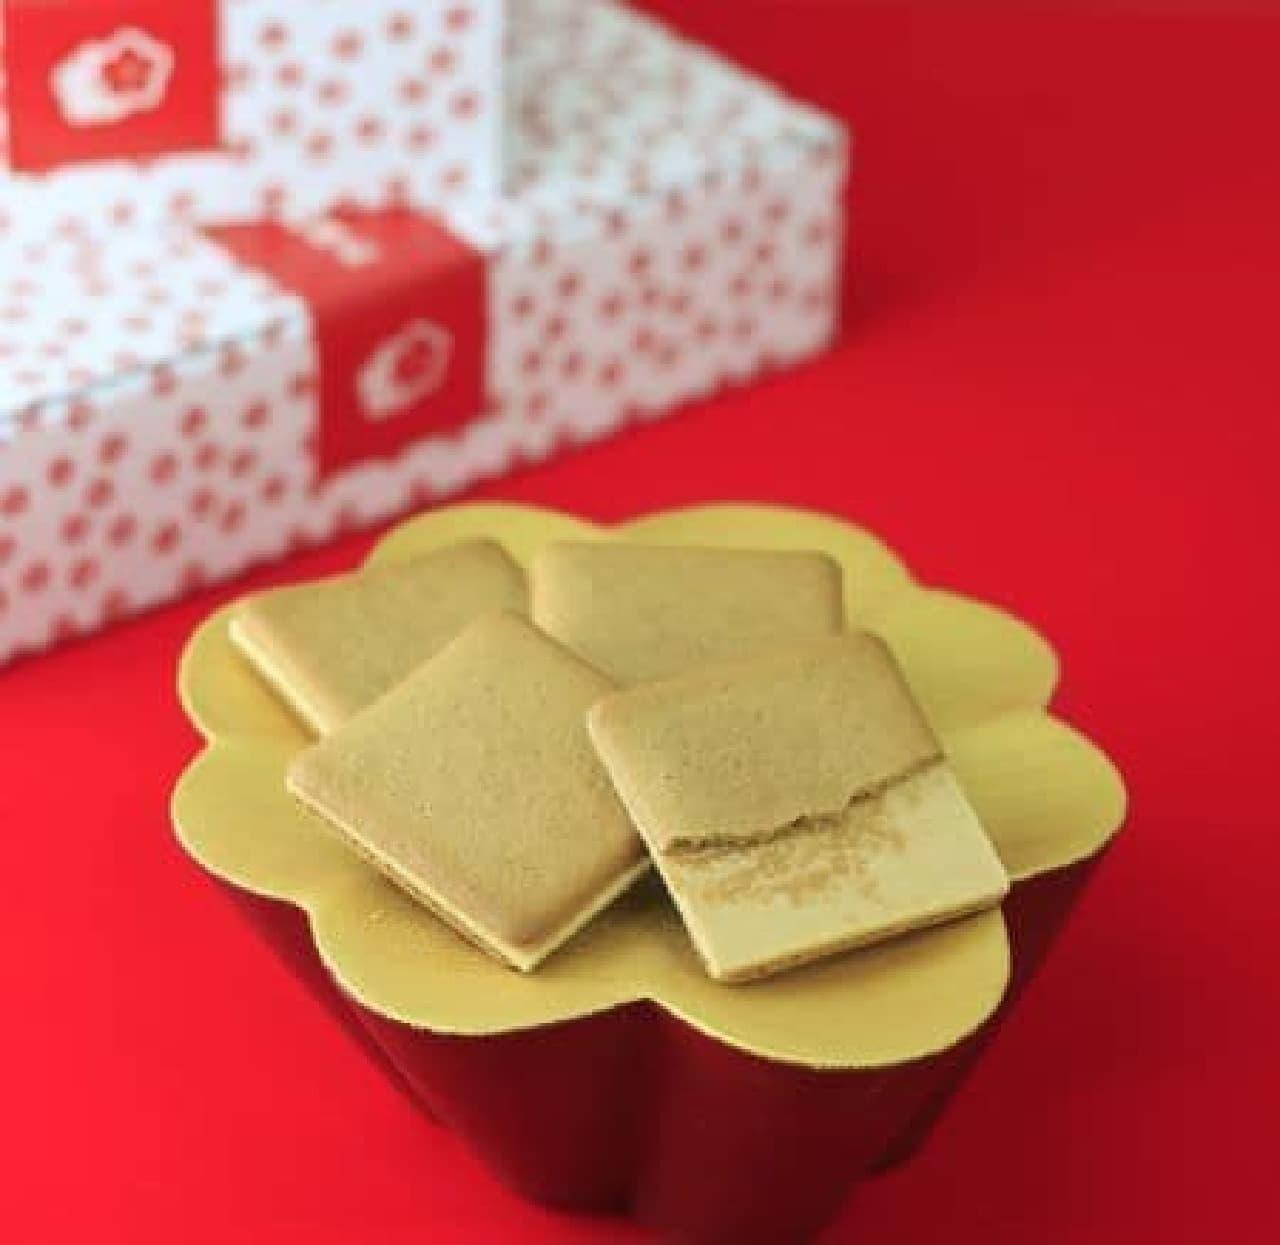 「桔梗信玄餅ビスキュイ」は黒蜜入りの生地できなこチョコをサンドした桔梗信玄餅風味のビスキュイ